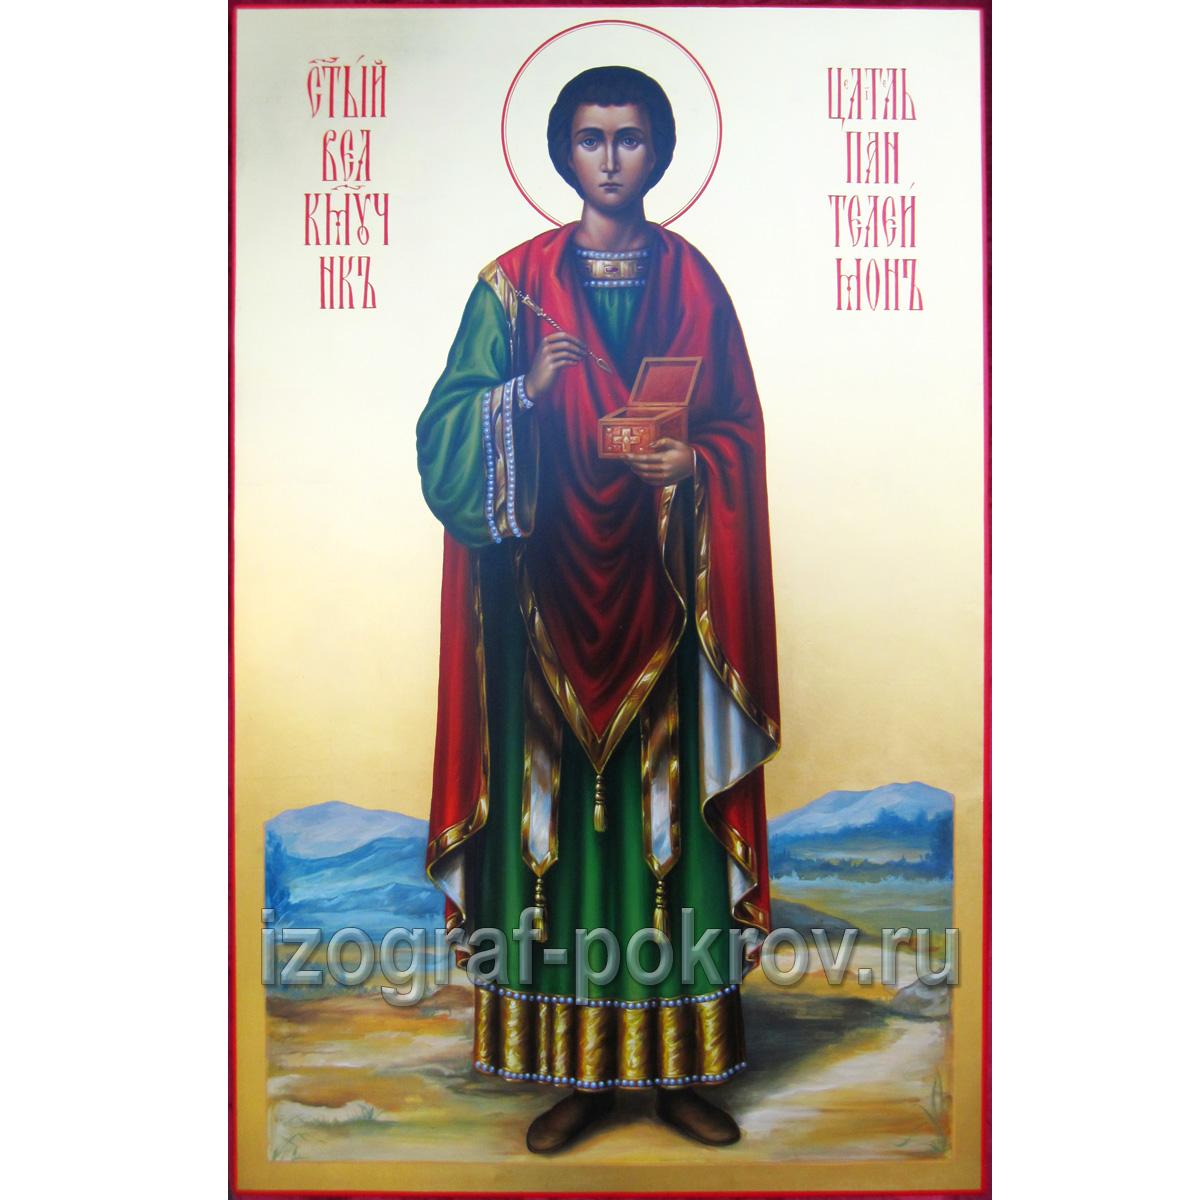 Икона Пантелеймон Целитель. Красивая икона. Заказать икону в иконописной мастерской при храме.